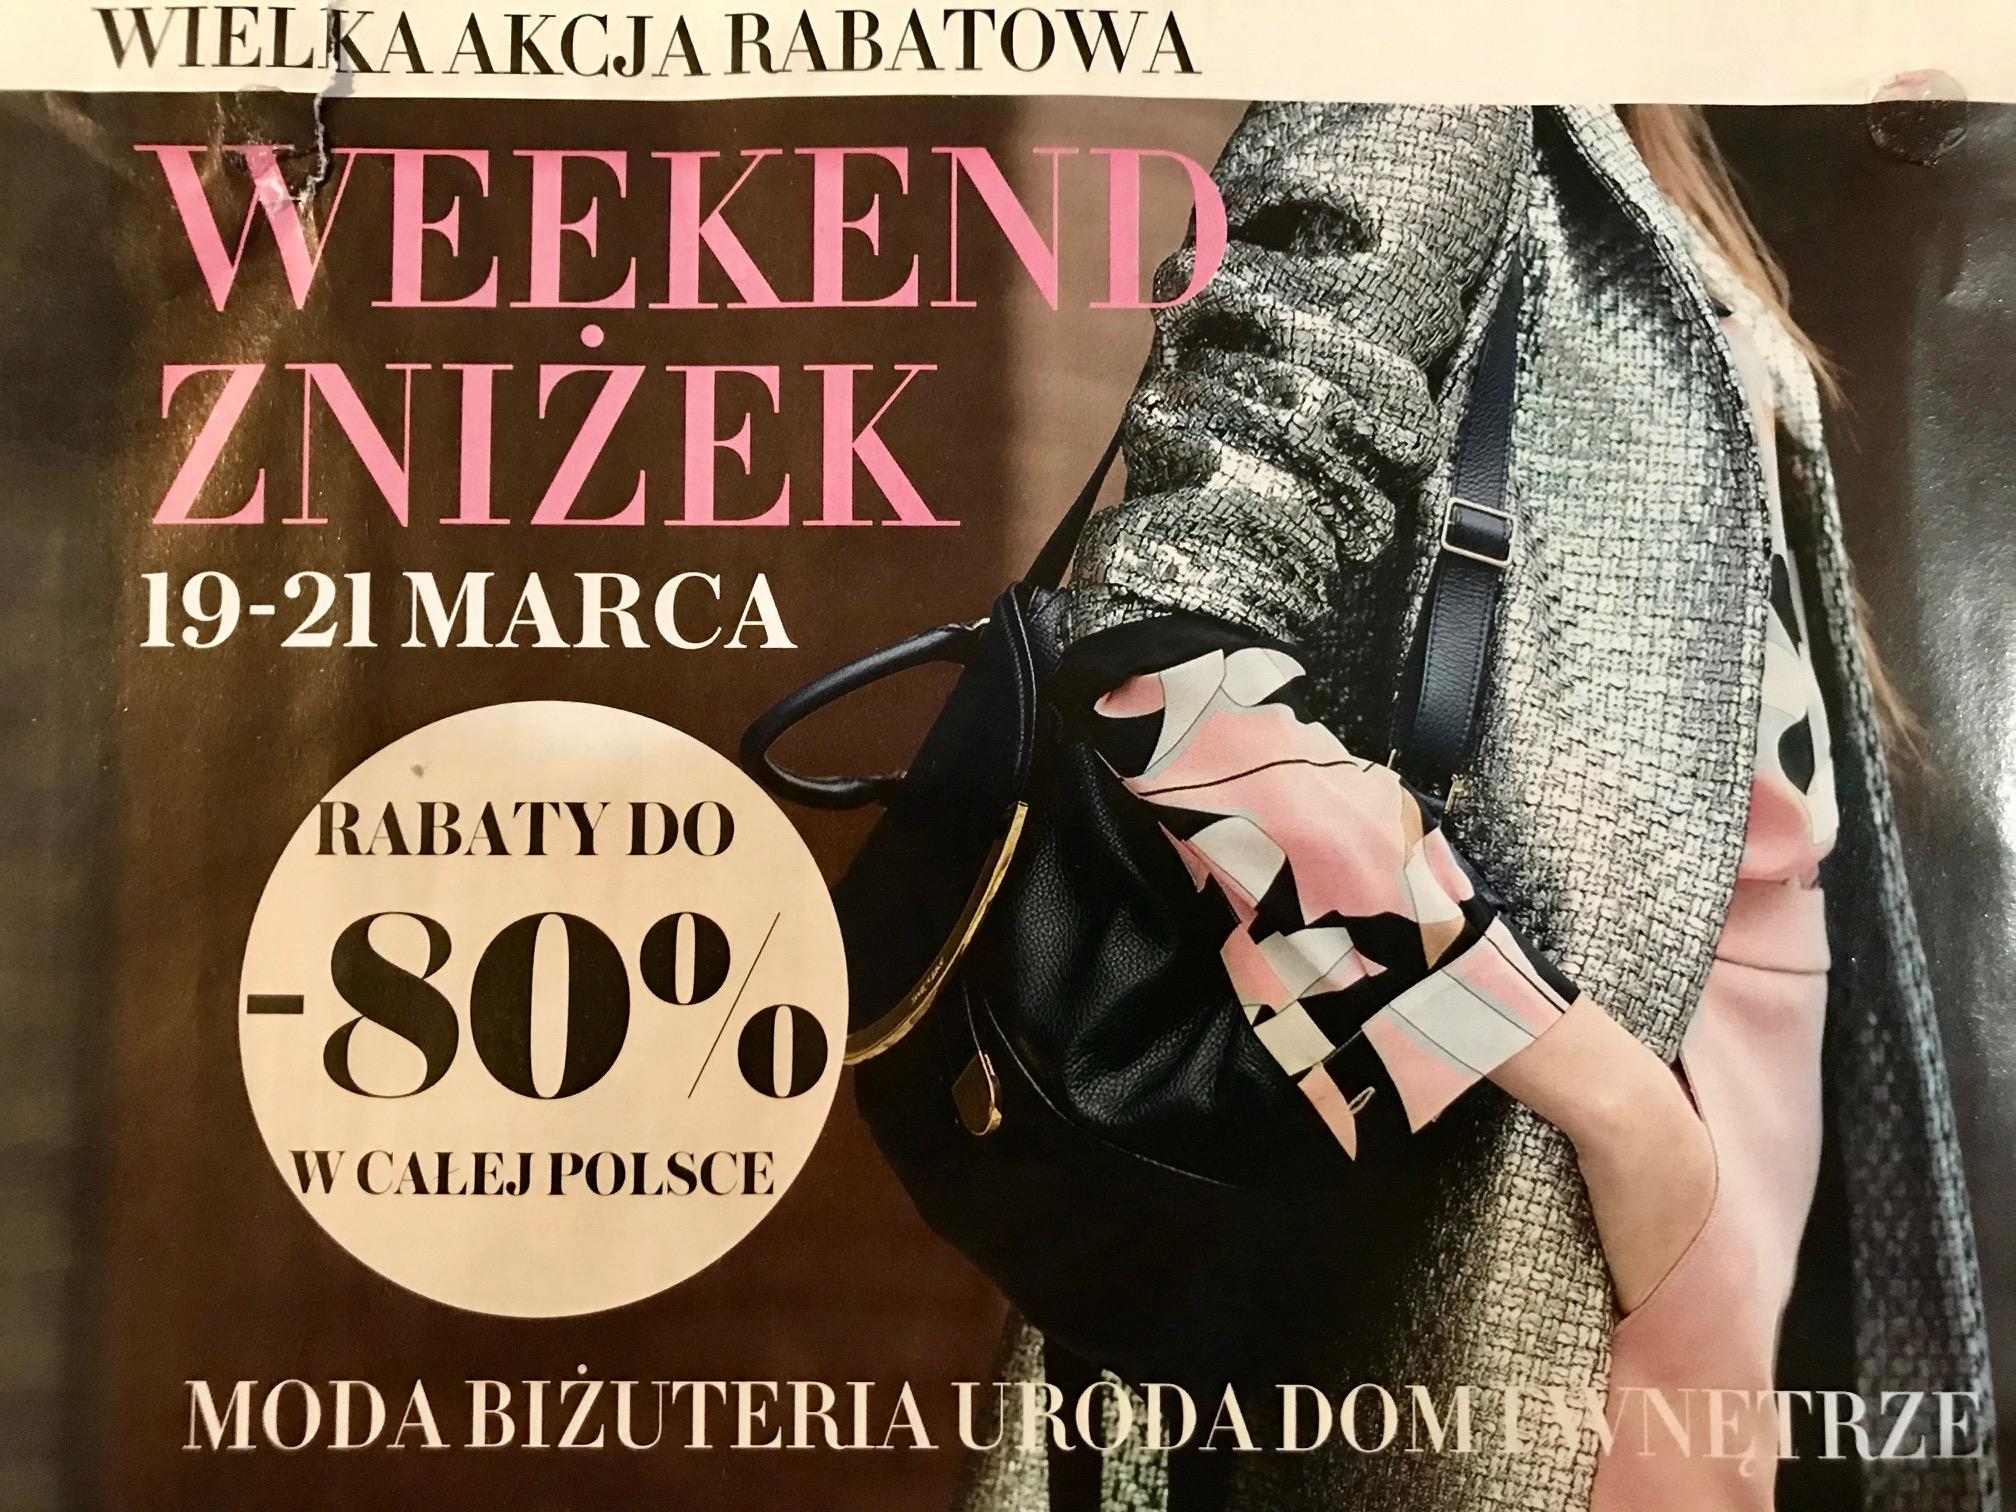 Weekend Zniżek z magazynami Avanti, Logo oraz Wysokie Obcasy w całej Polsce 19-21 marca 2020